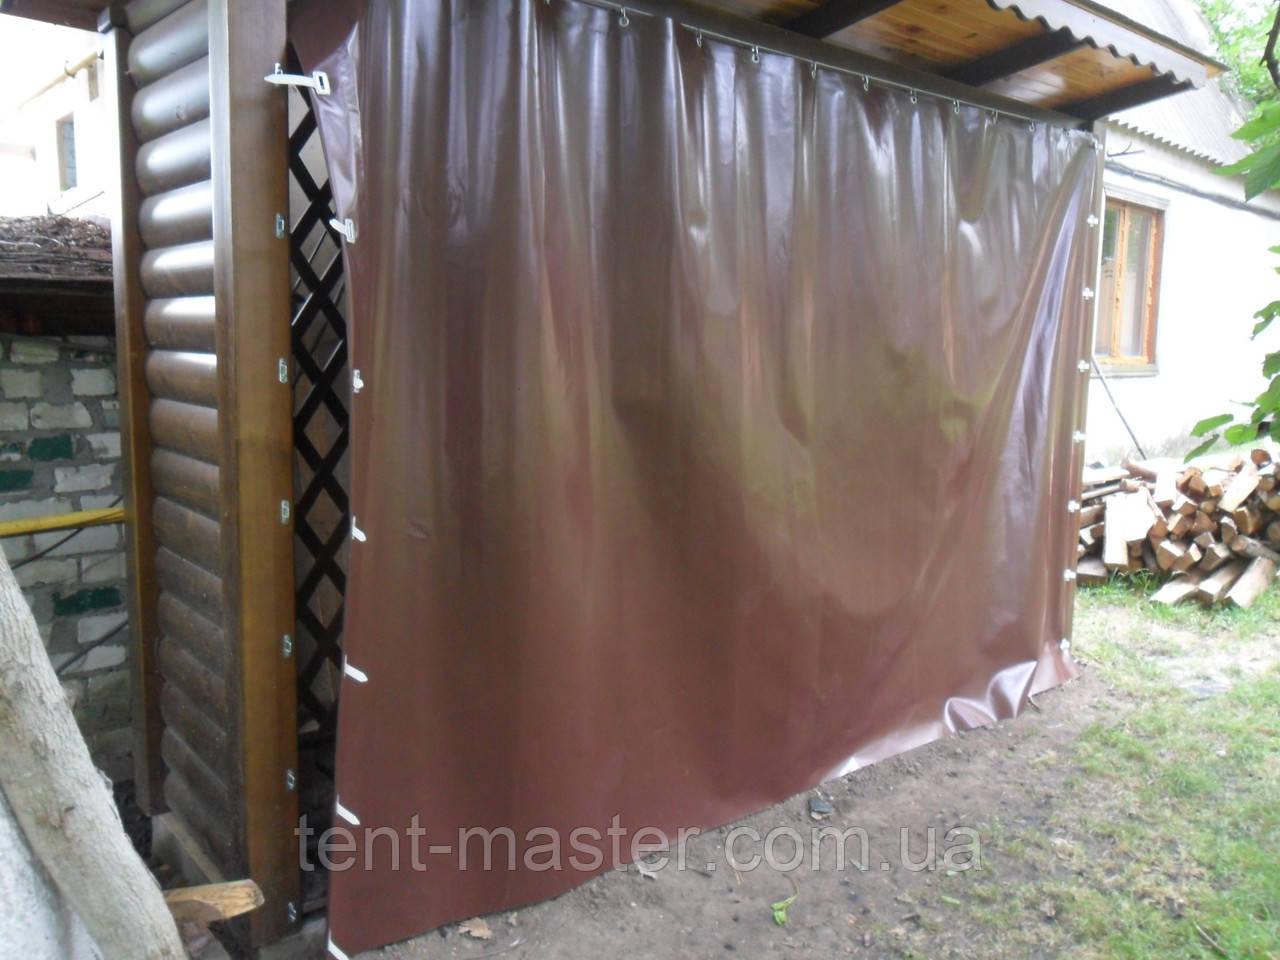 Завесы из ПВХ ткани для дров